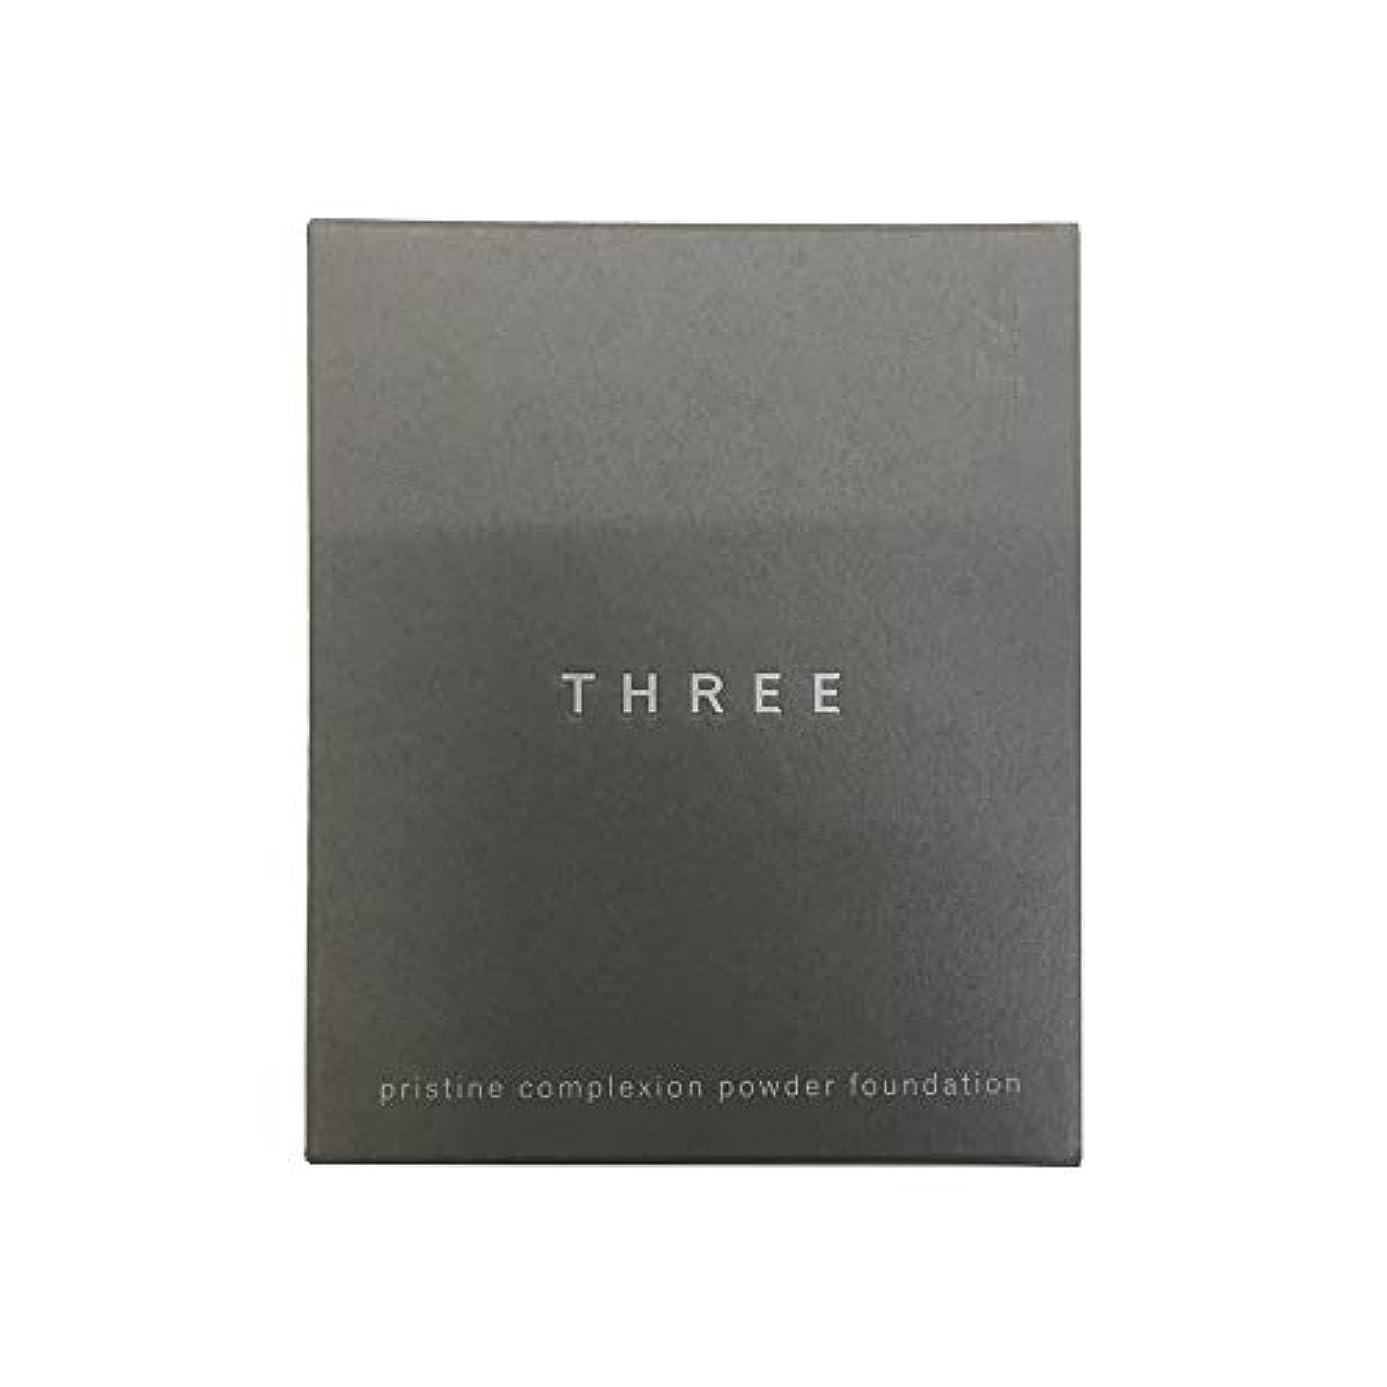 広告する恐れ神聖THREE(スリー) プリスティーンコンプレクションパウダーファンデーション #204(リフィル) [ パウダーファンデーション ] [並行輸入品]